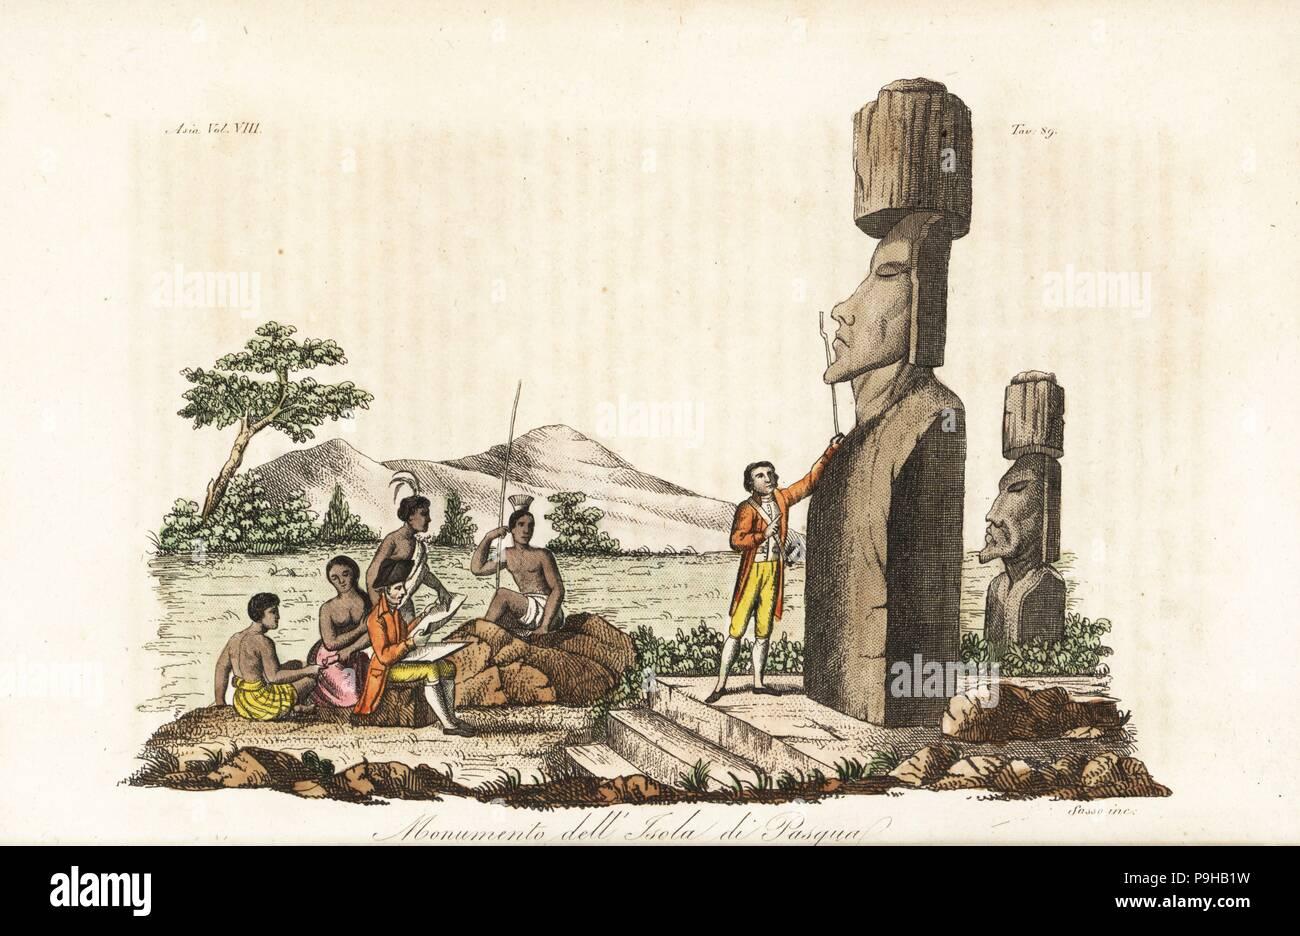 El Capitán James Cook y nativos examinando las estatuas moai en la Isla de Pascua o Rapa Nui. Copperplate Handcolored grabado por Sasso de Giulio Ferrario de trajes antiguos y modernos de todos los pueblos del mundo, Florencia, Italia, 1844. Foto de stock